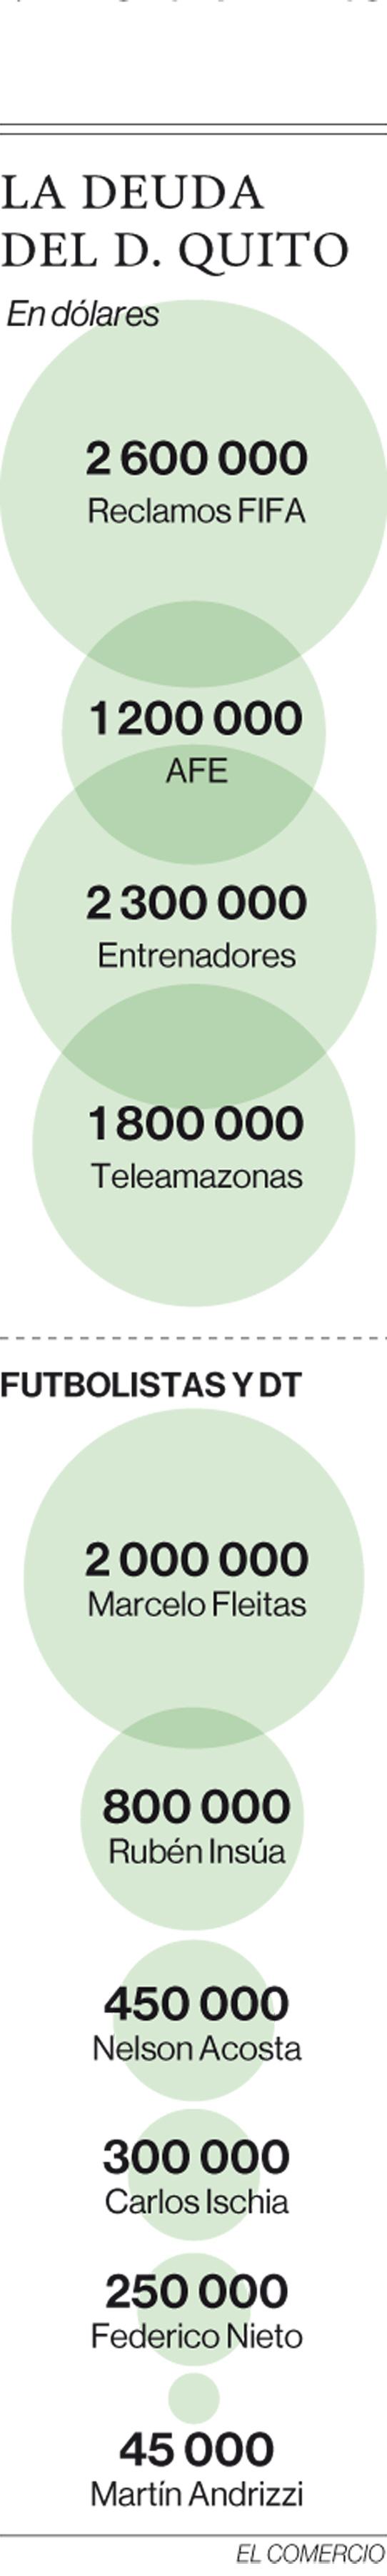 El Deportivo Quito ha sufrido tres descensos en cuatro años